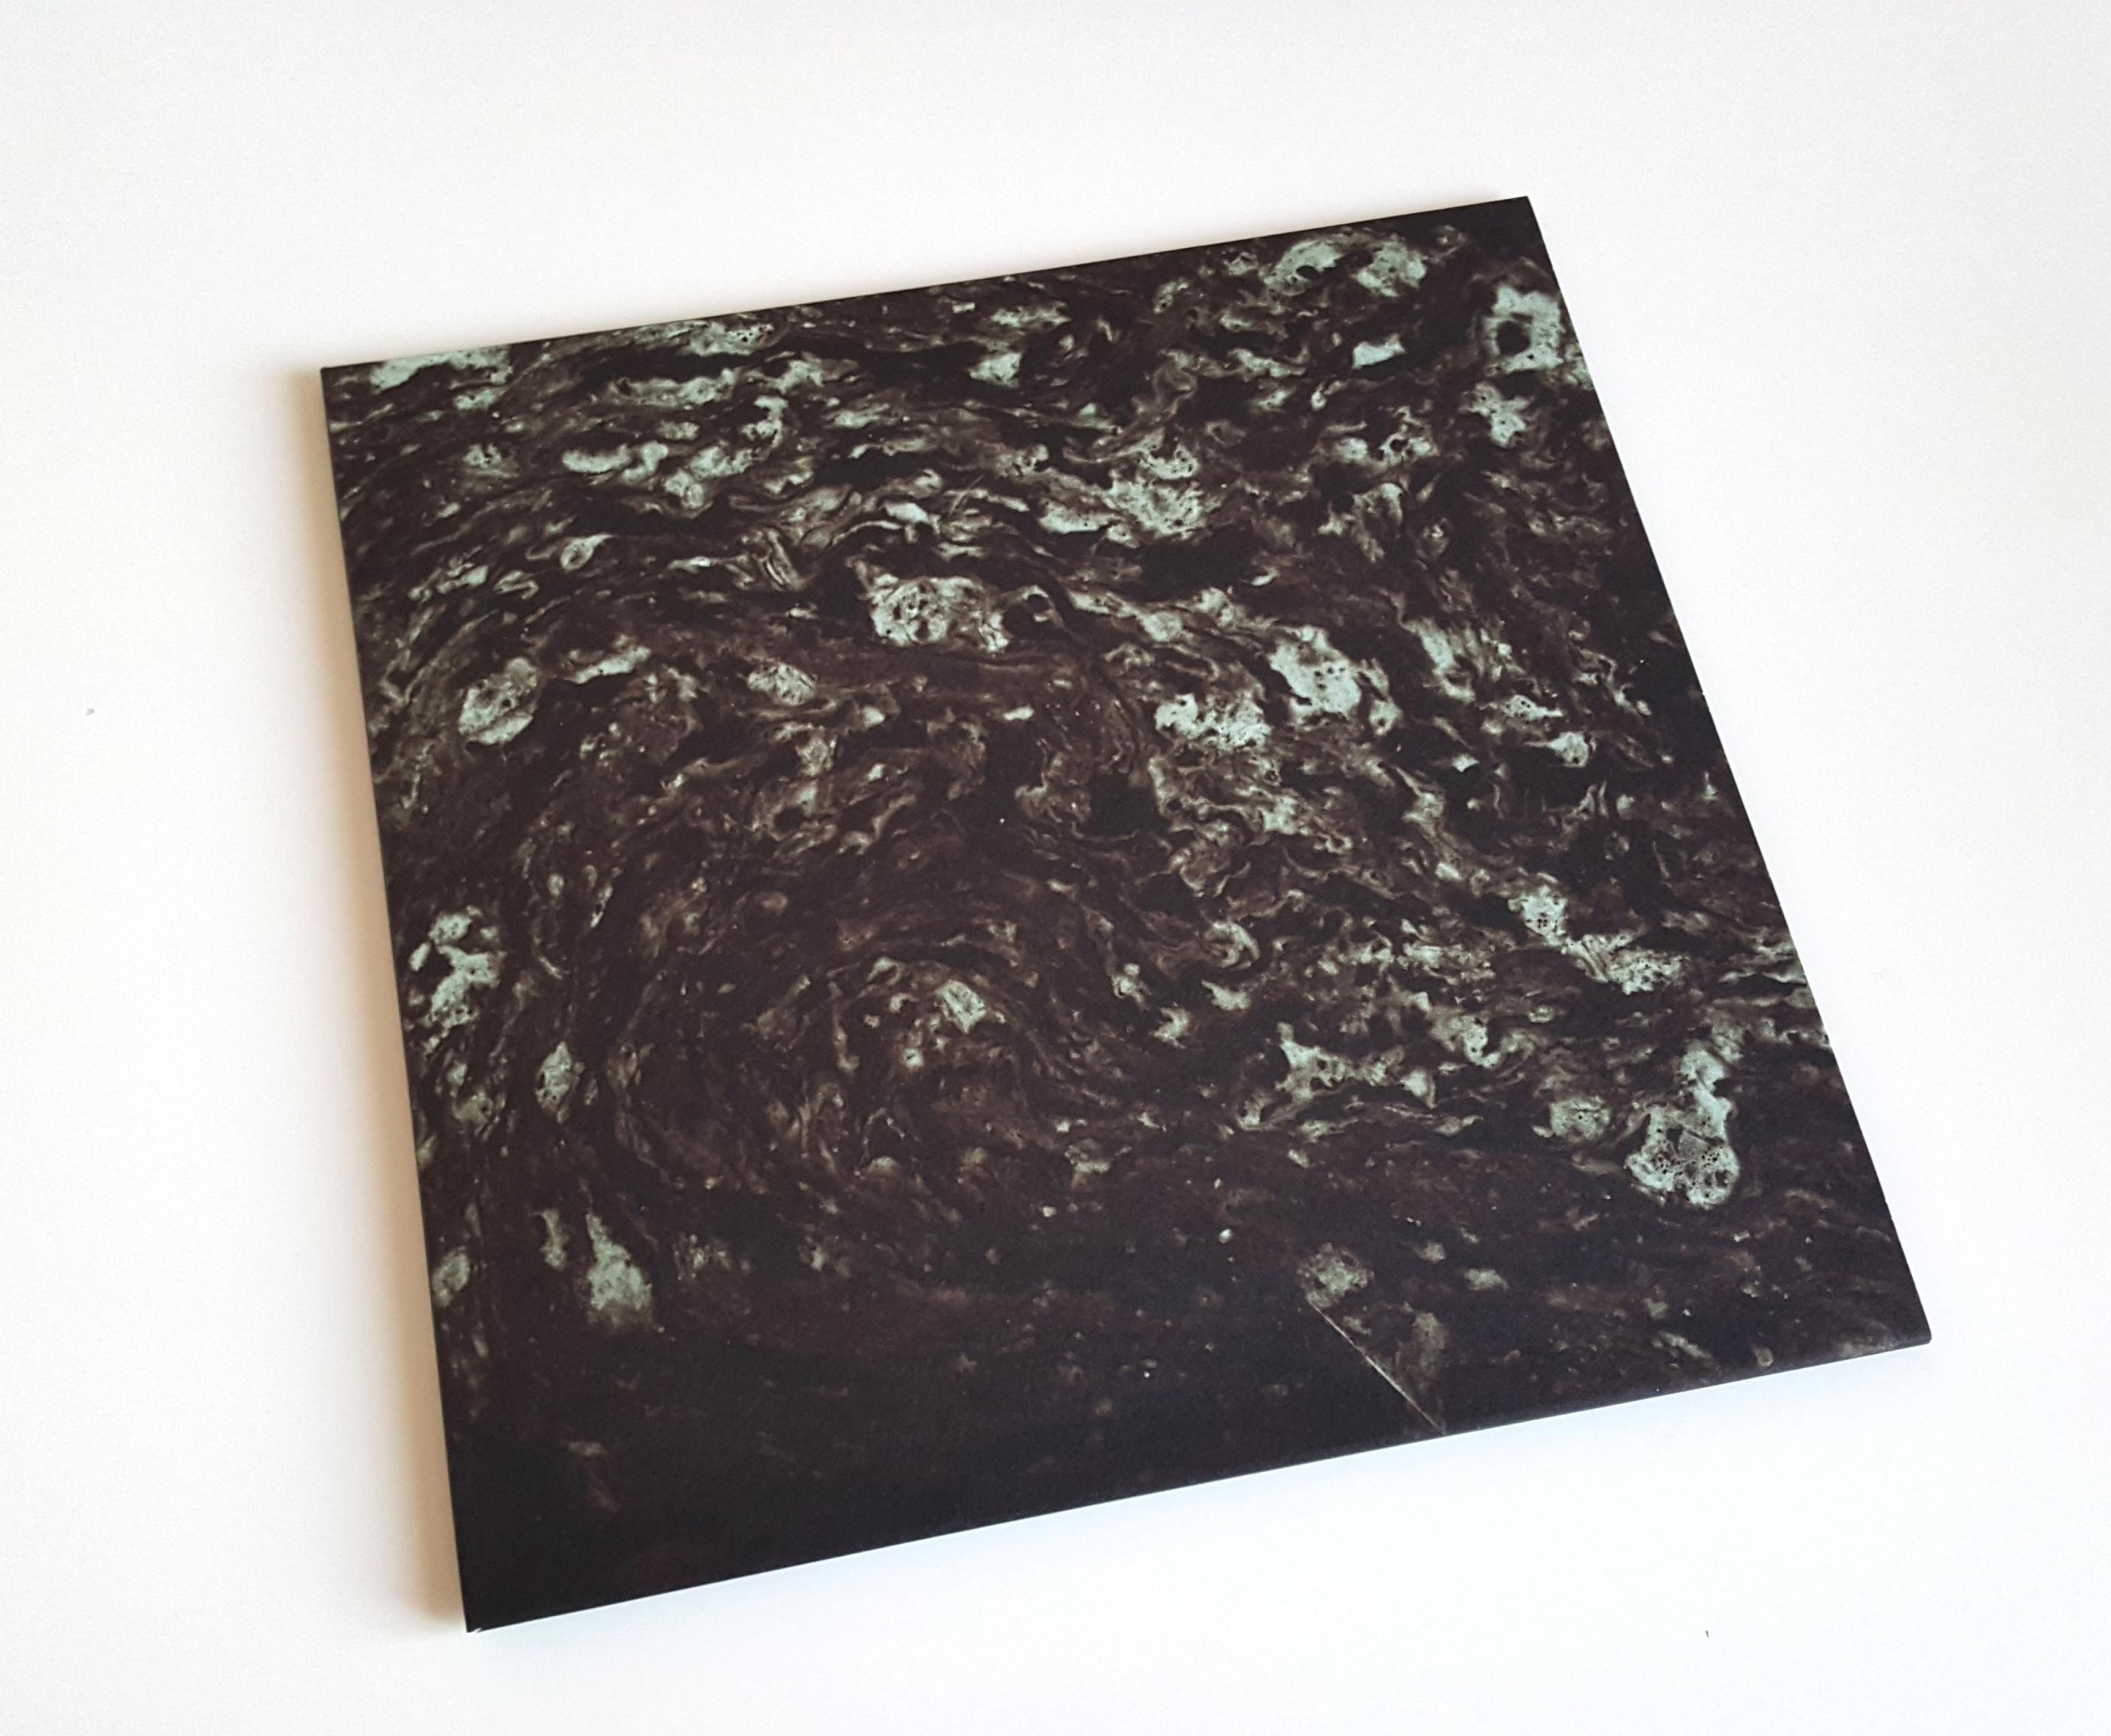 MÚSPELLZHEIMR /Aiwīgaz Unðergangaz Split 10'' LP